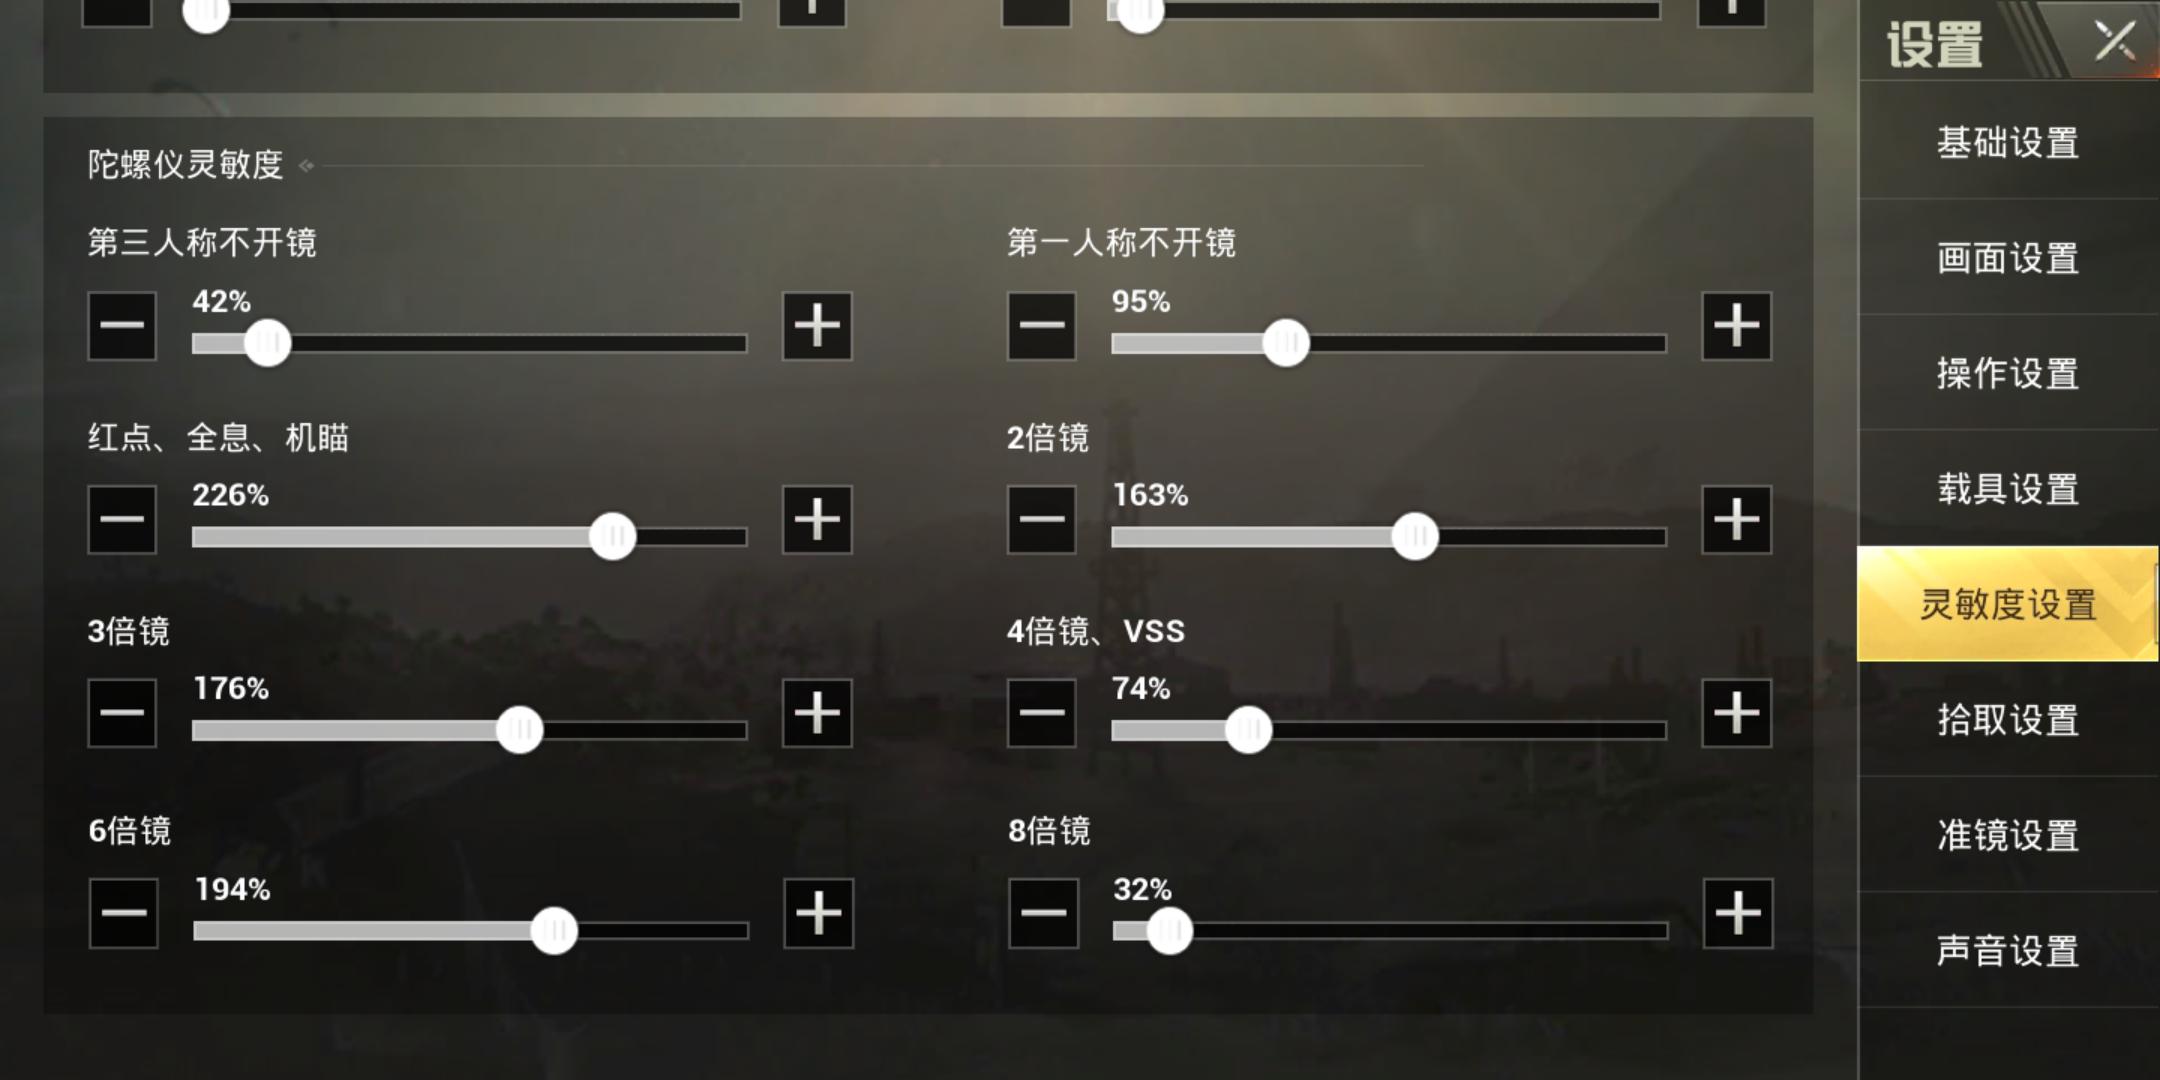 Screenshot_2018-08-08-16-33-24-743_com.tencent.tm.png